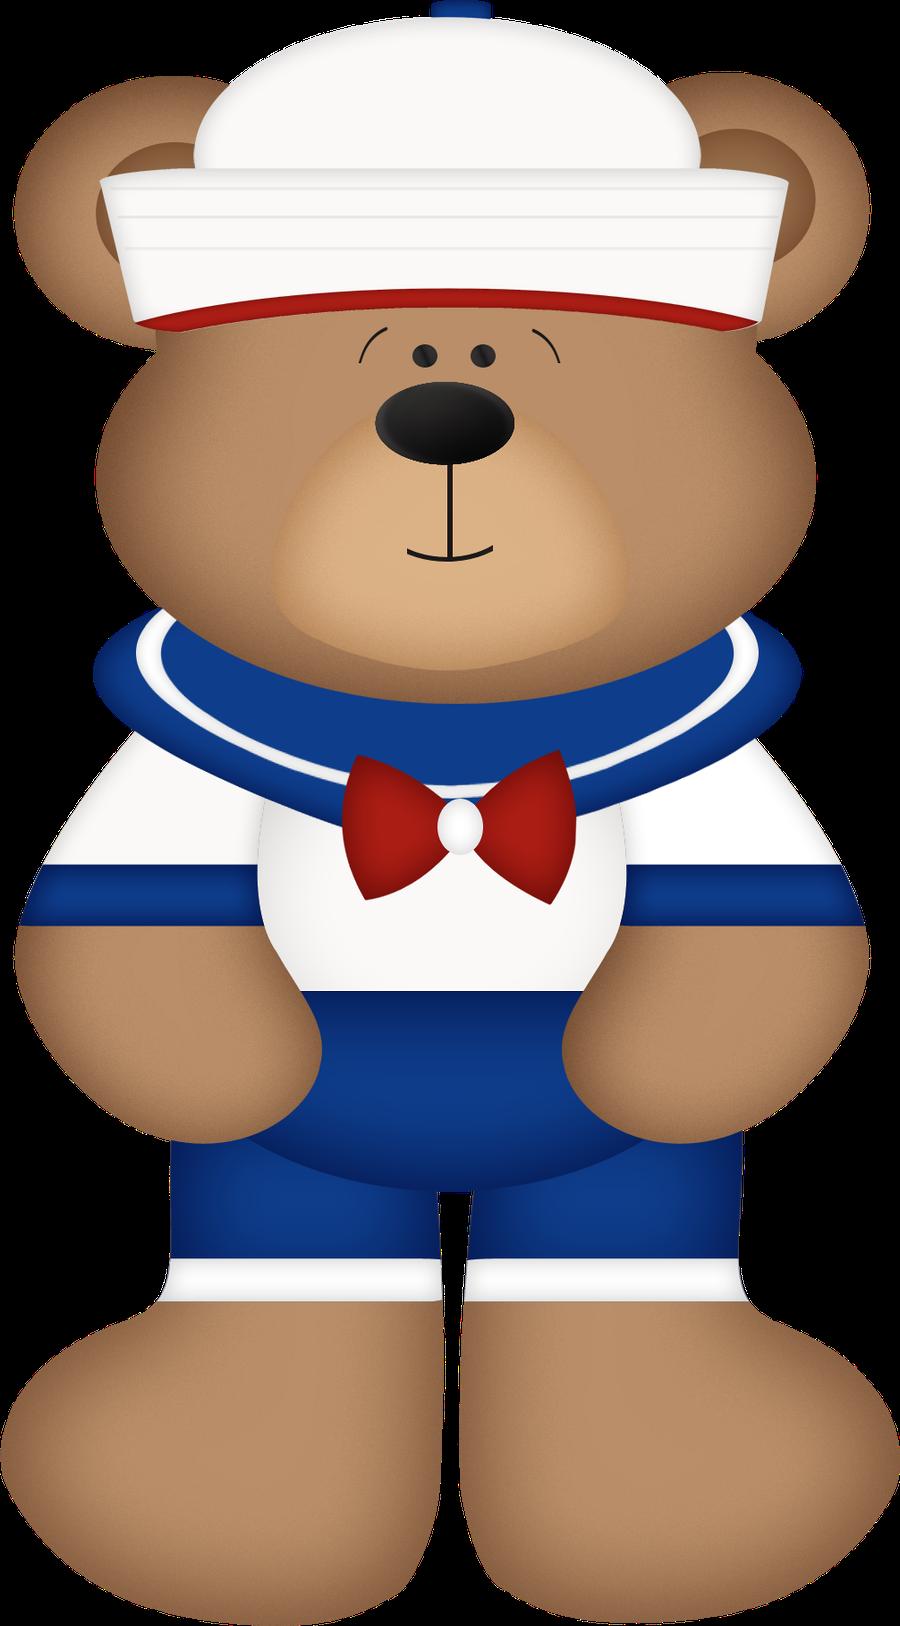 Sailor clipart teddy bear · Teddy Baby Clip com/mKdxviufEIIGD